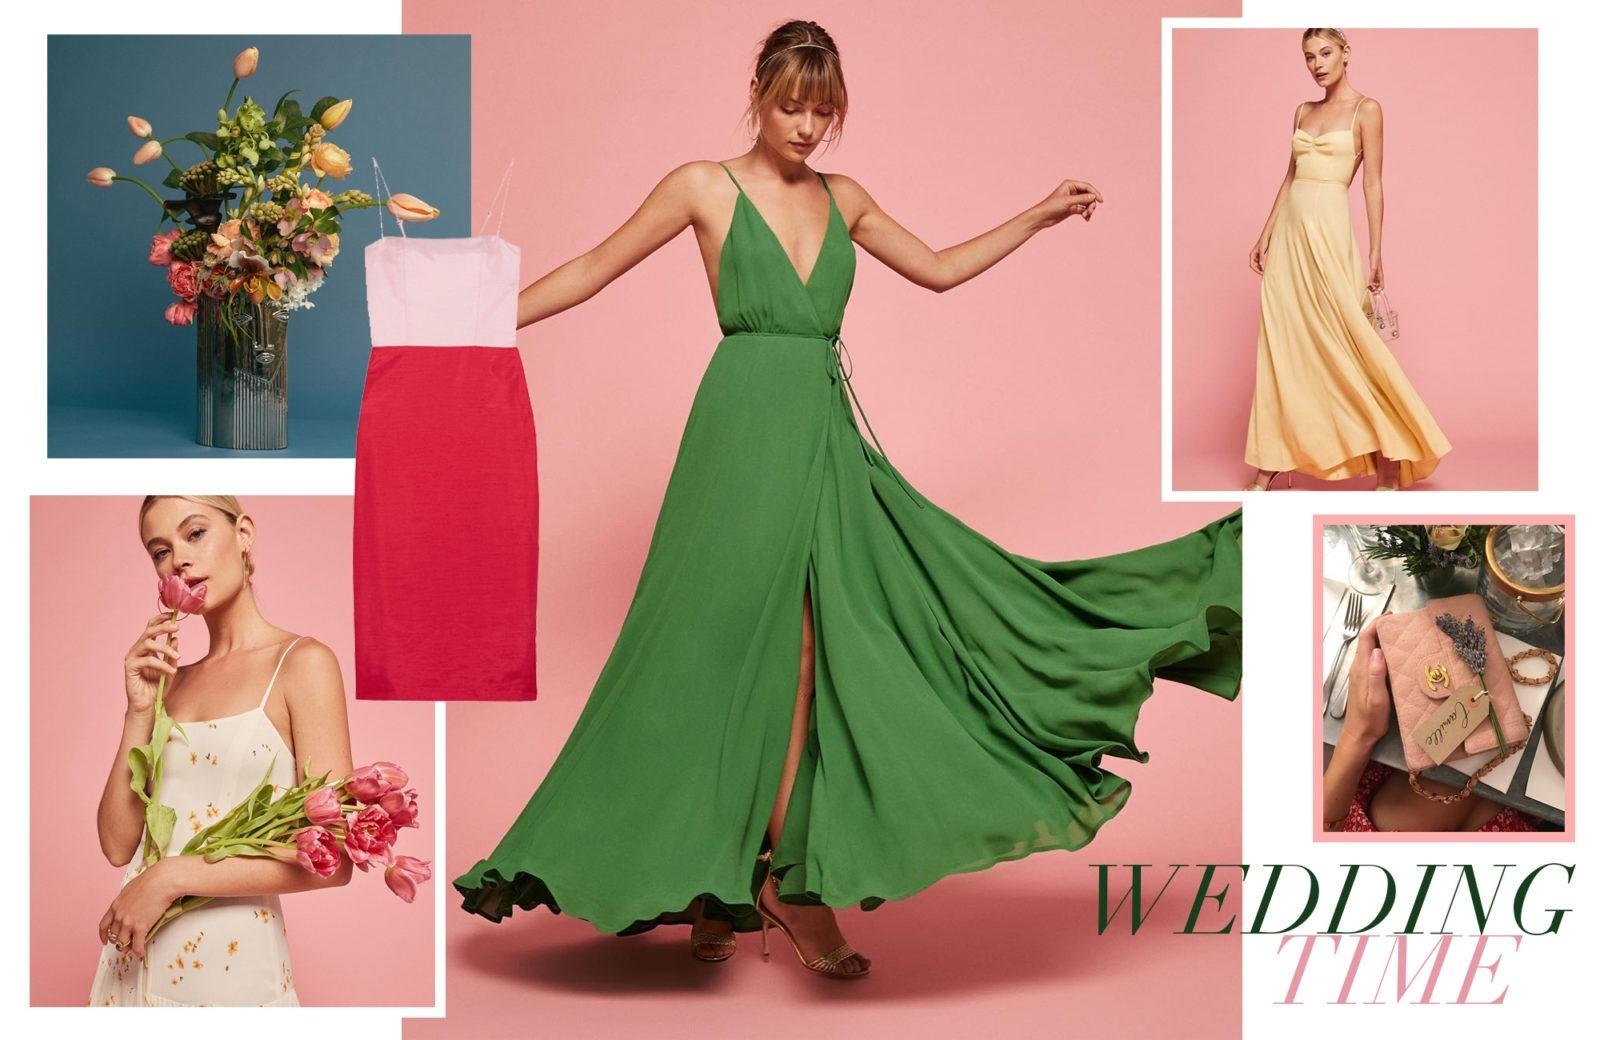 Abend Elegant Kleider Für Hochzeit für 201917 Luxurius Kleider Für Hochzeit Ärmel